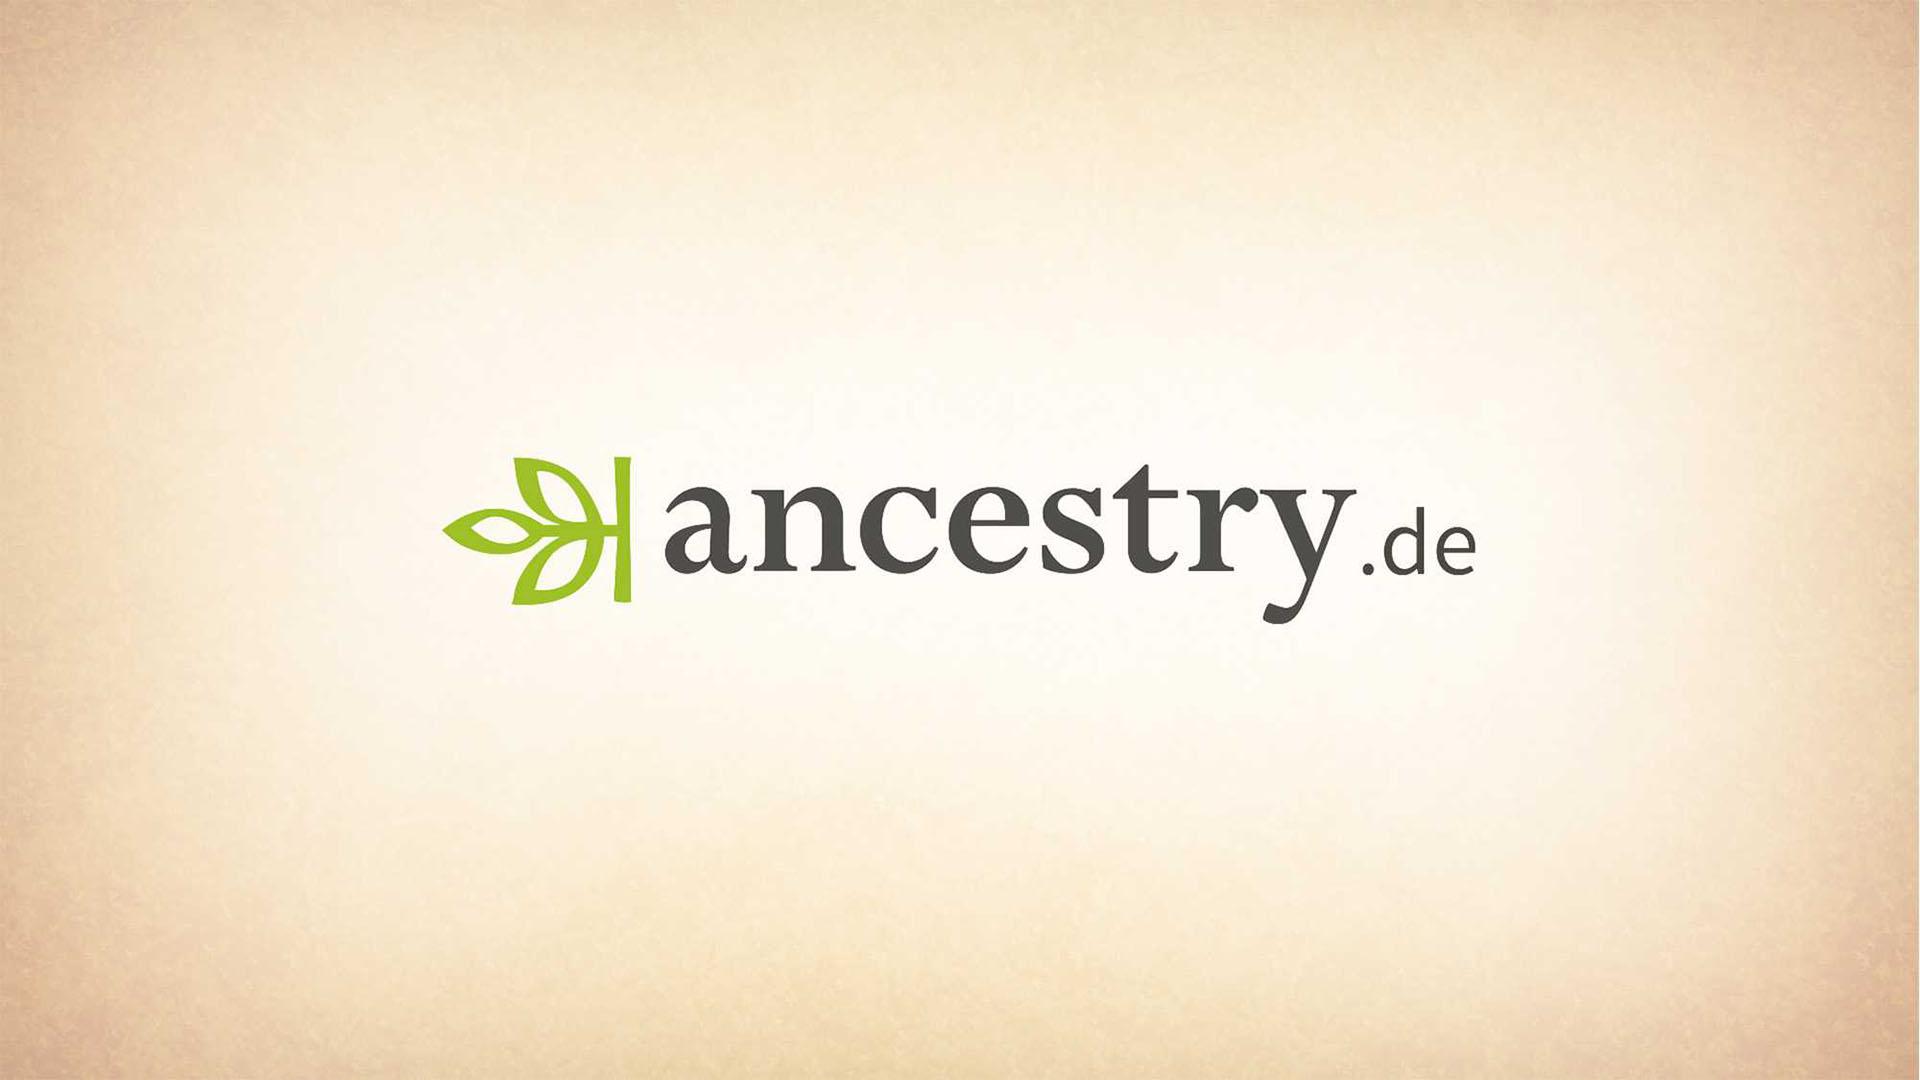 """Das Bild zeigt einen braunen Hintergrund mit einem animierten, eingebetteten Text. Der Text zeigt ein grünes Blatt, das Logo von ancestry, sowie die Worte """"ancestry.de"""" Das Bild dient als Sliderbild für den Portfolioeintrag Ancestry – DRTV Spot von Panda Pictures."""